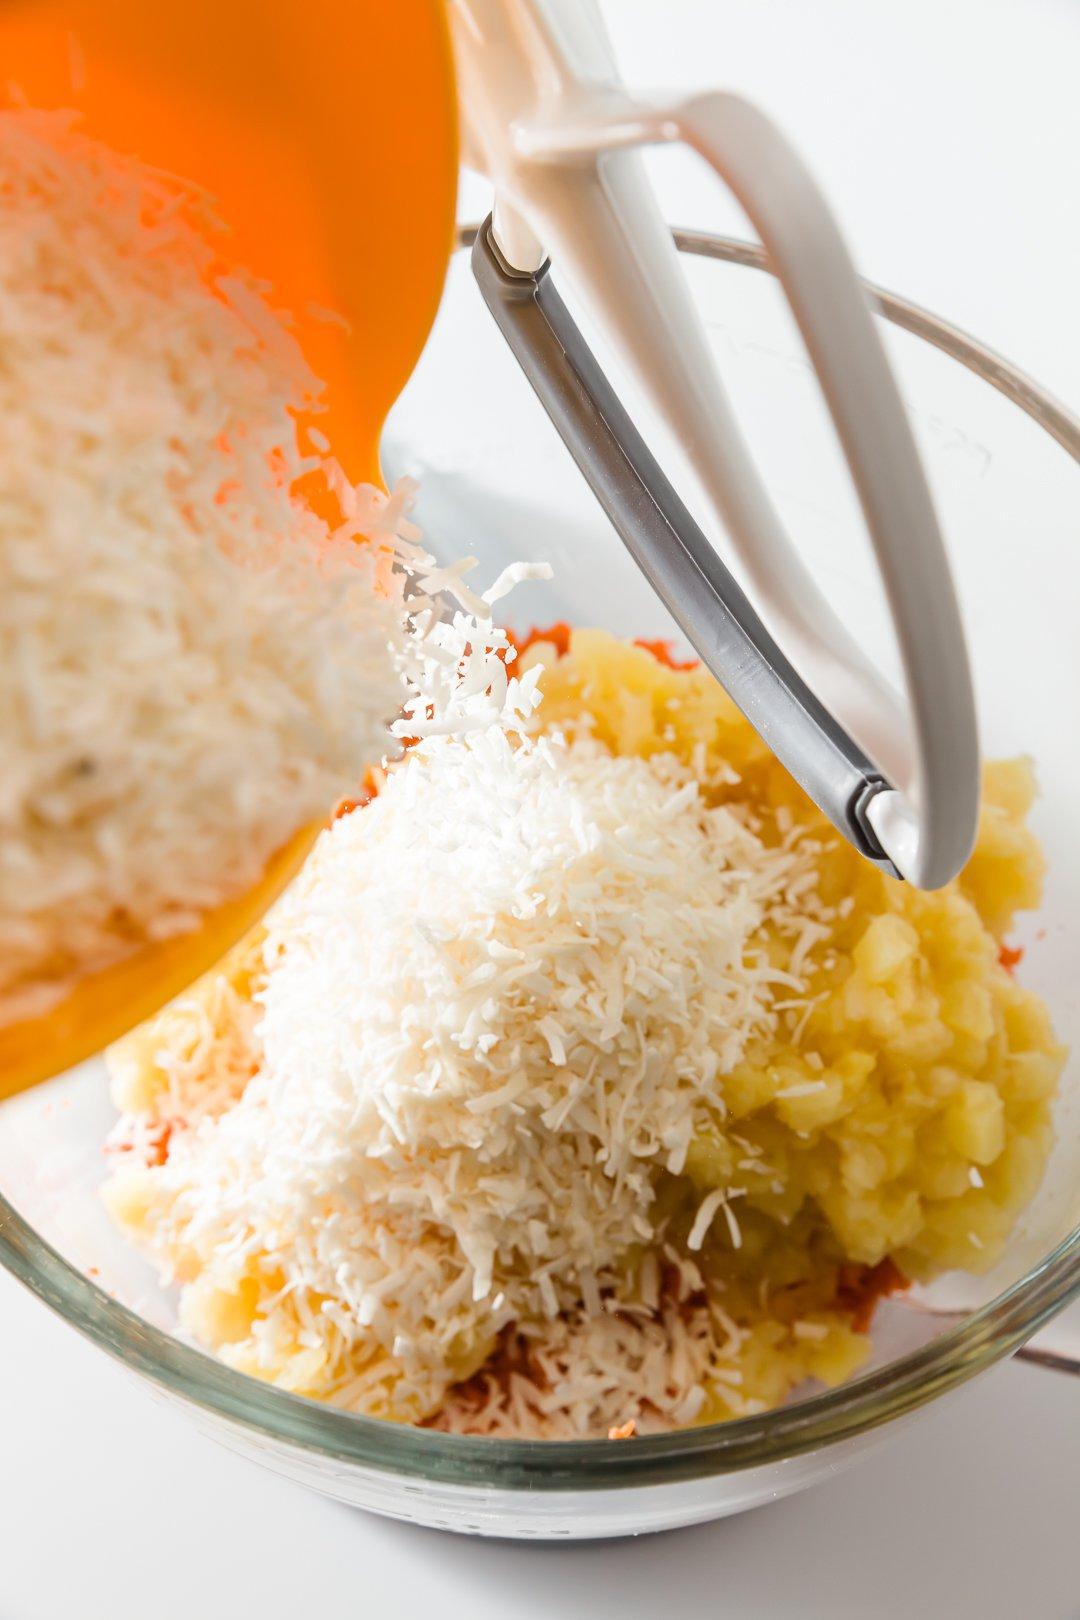 Se agrega coco rallado a la masa de pastel de zanahoria